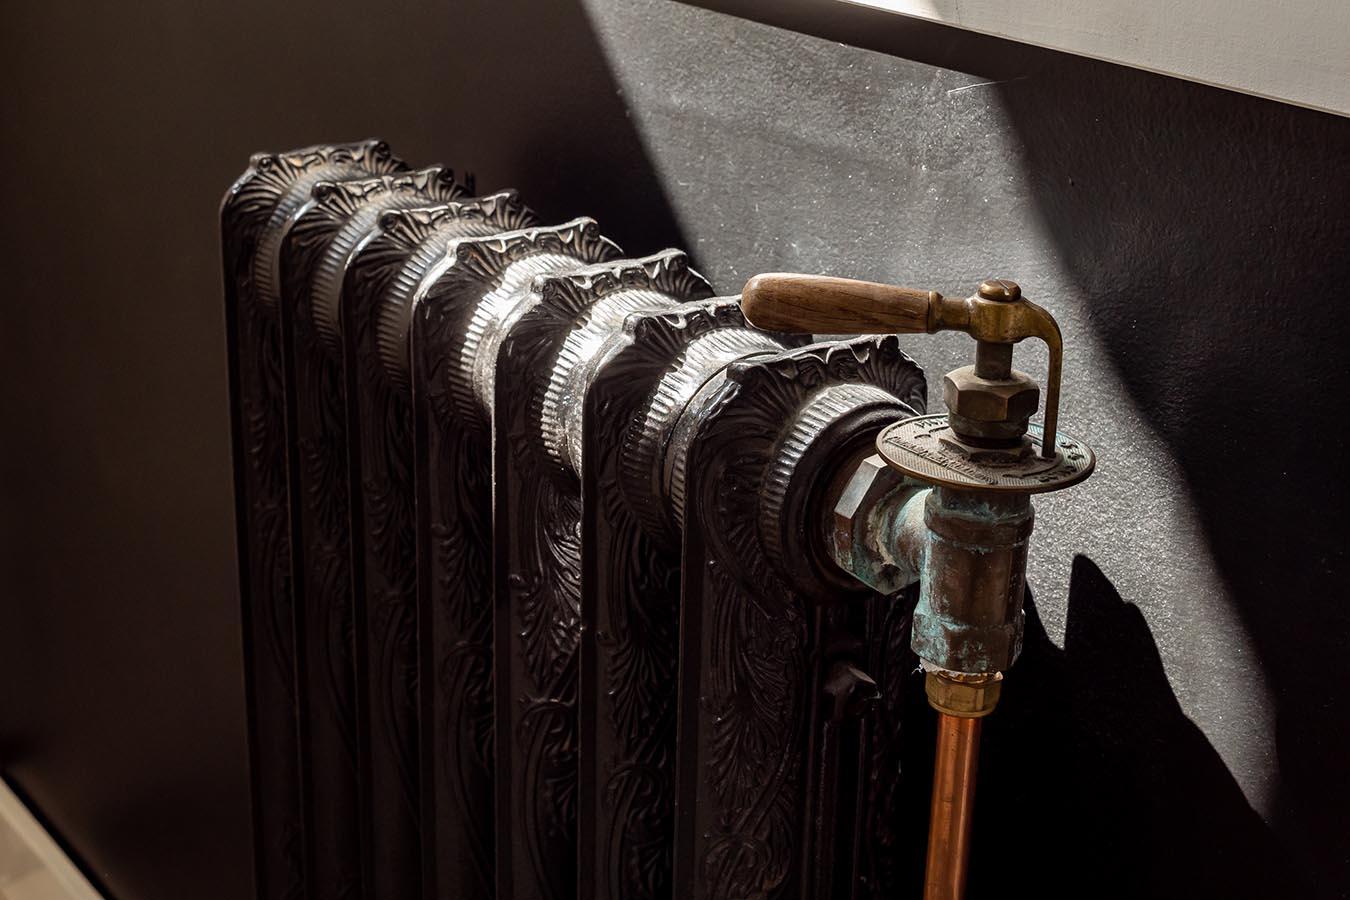 Detailfoto van een verwarming